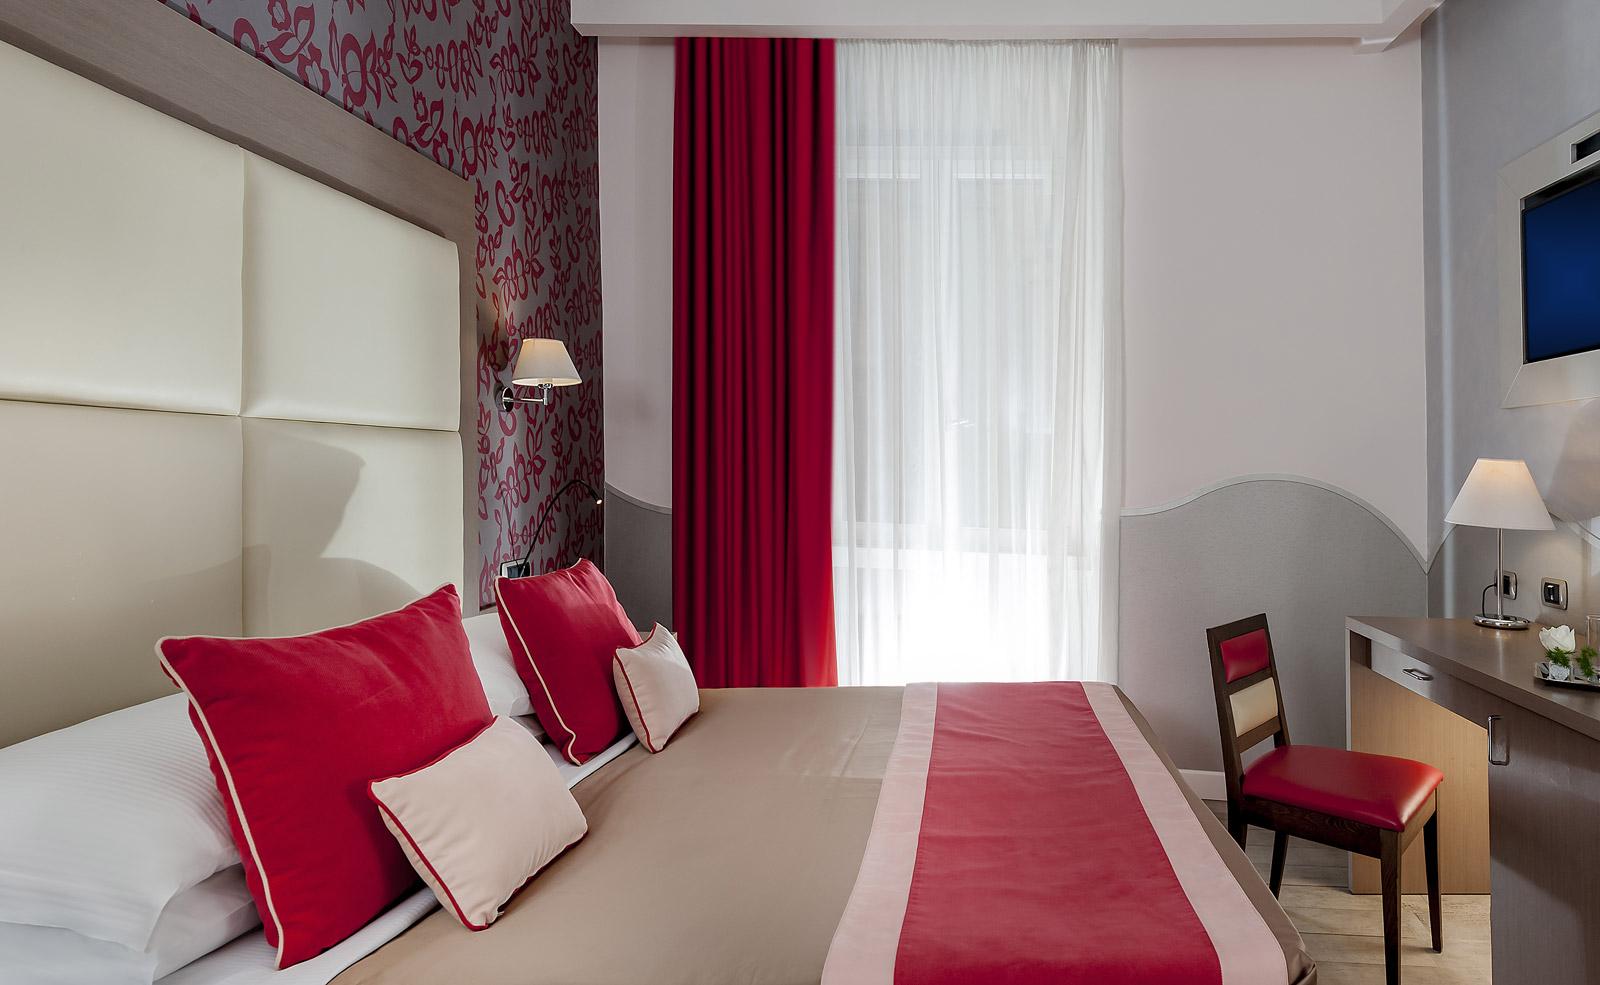 Chambre Double Hotel Rome Chambre Double Rome Hotel Rome